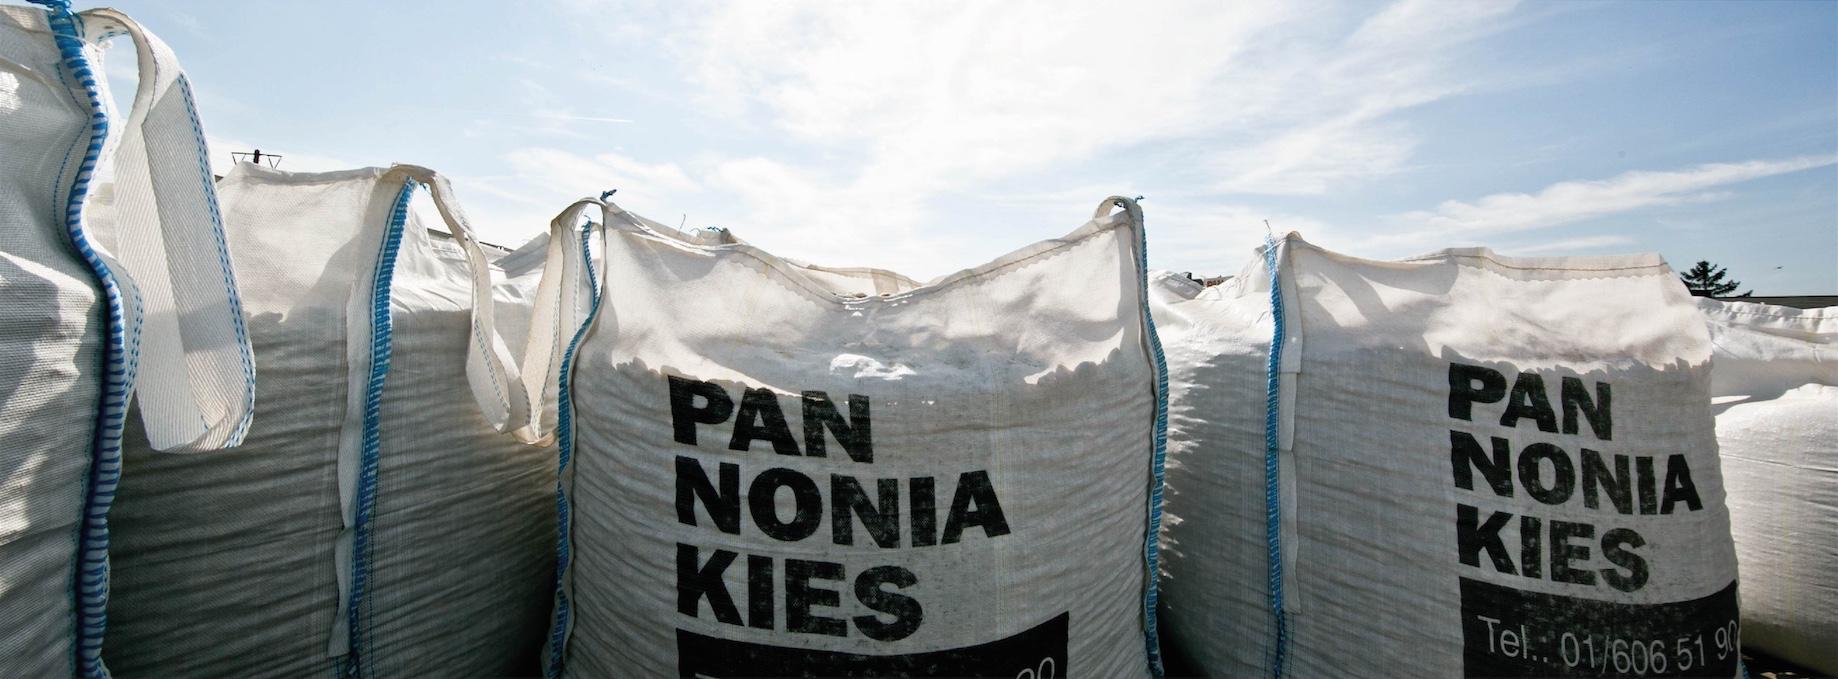 Aufnahme von mehreren PANNONIA Kies Säcken